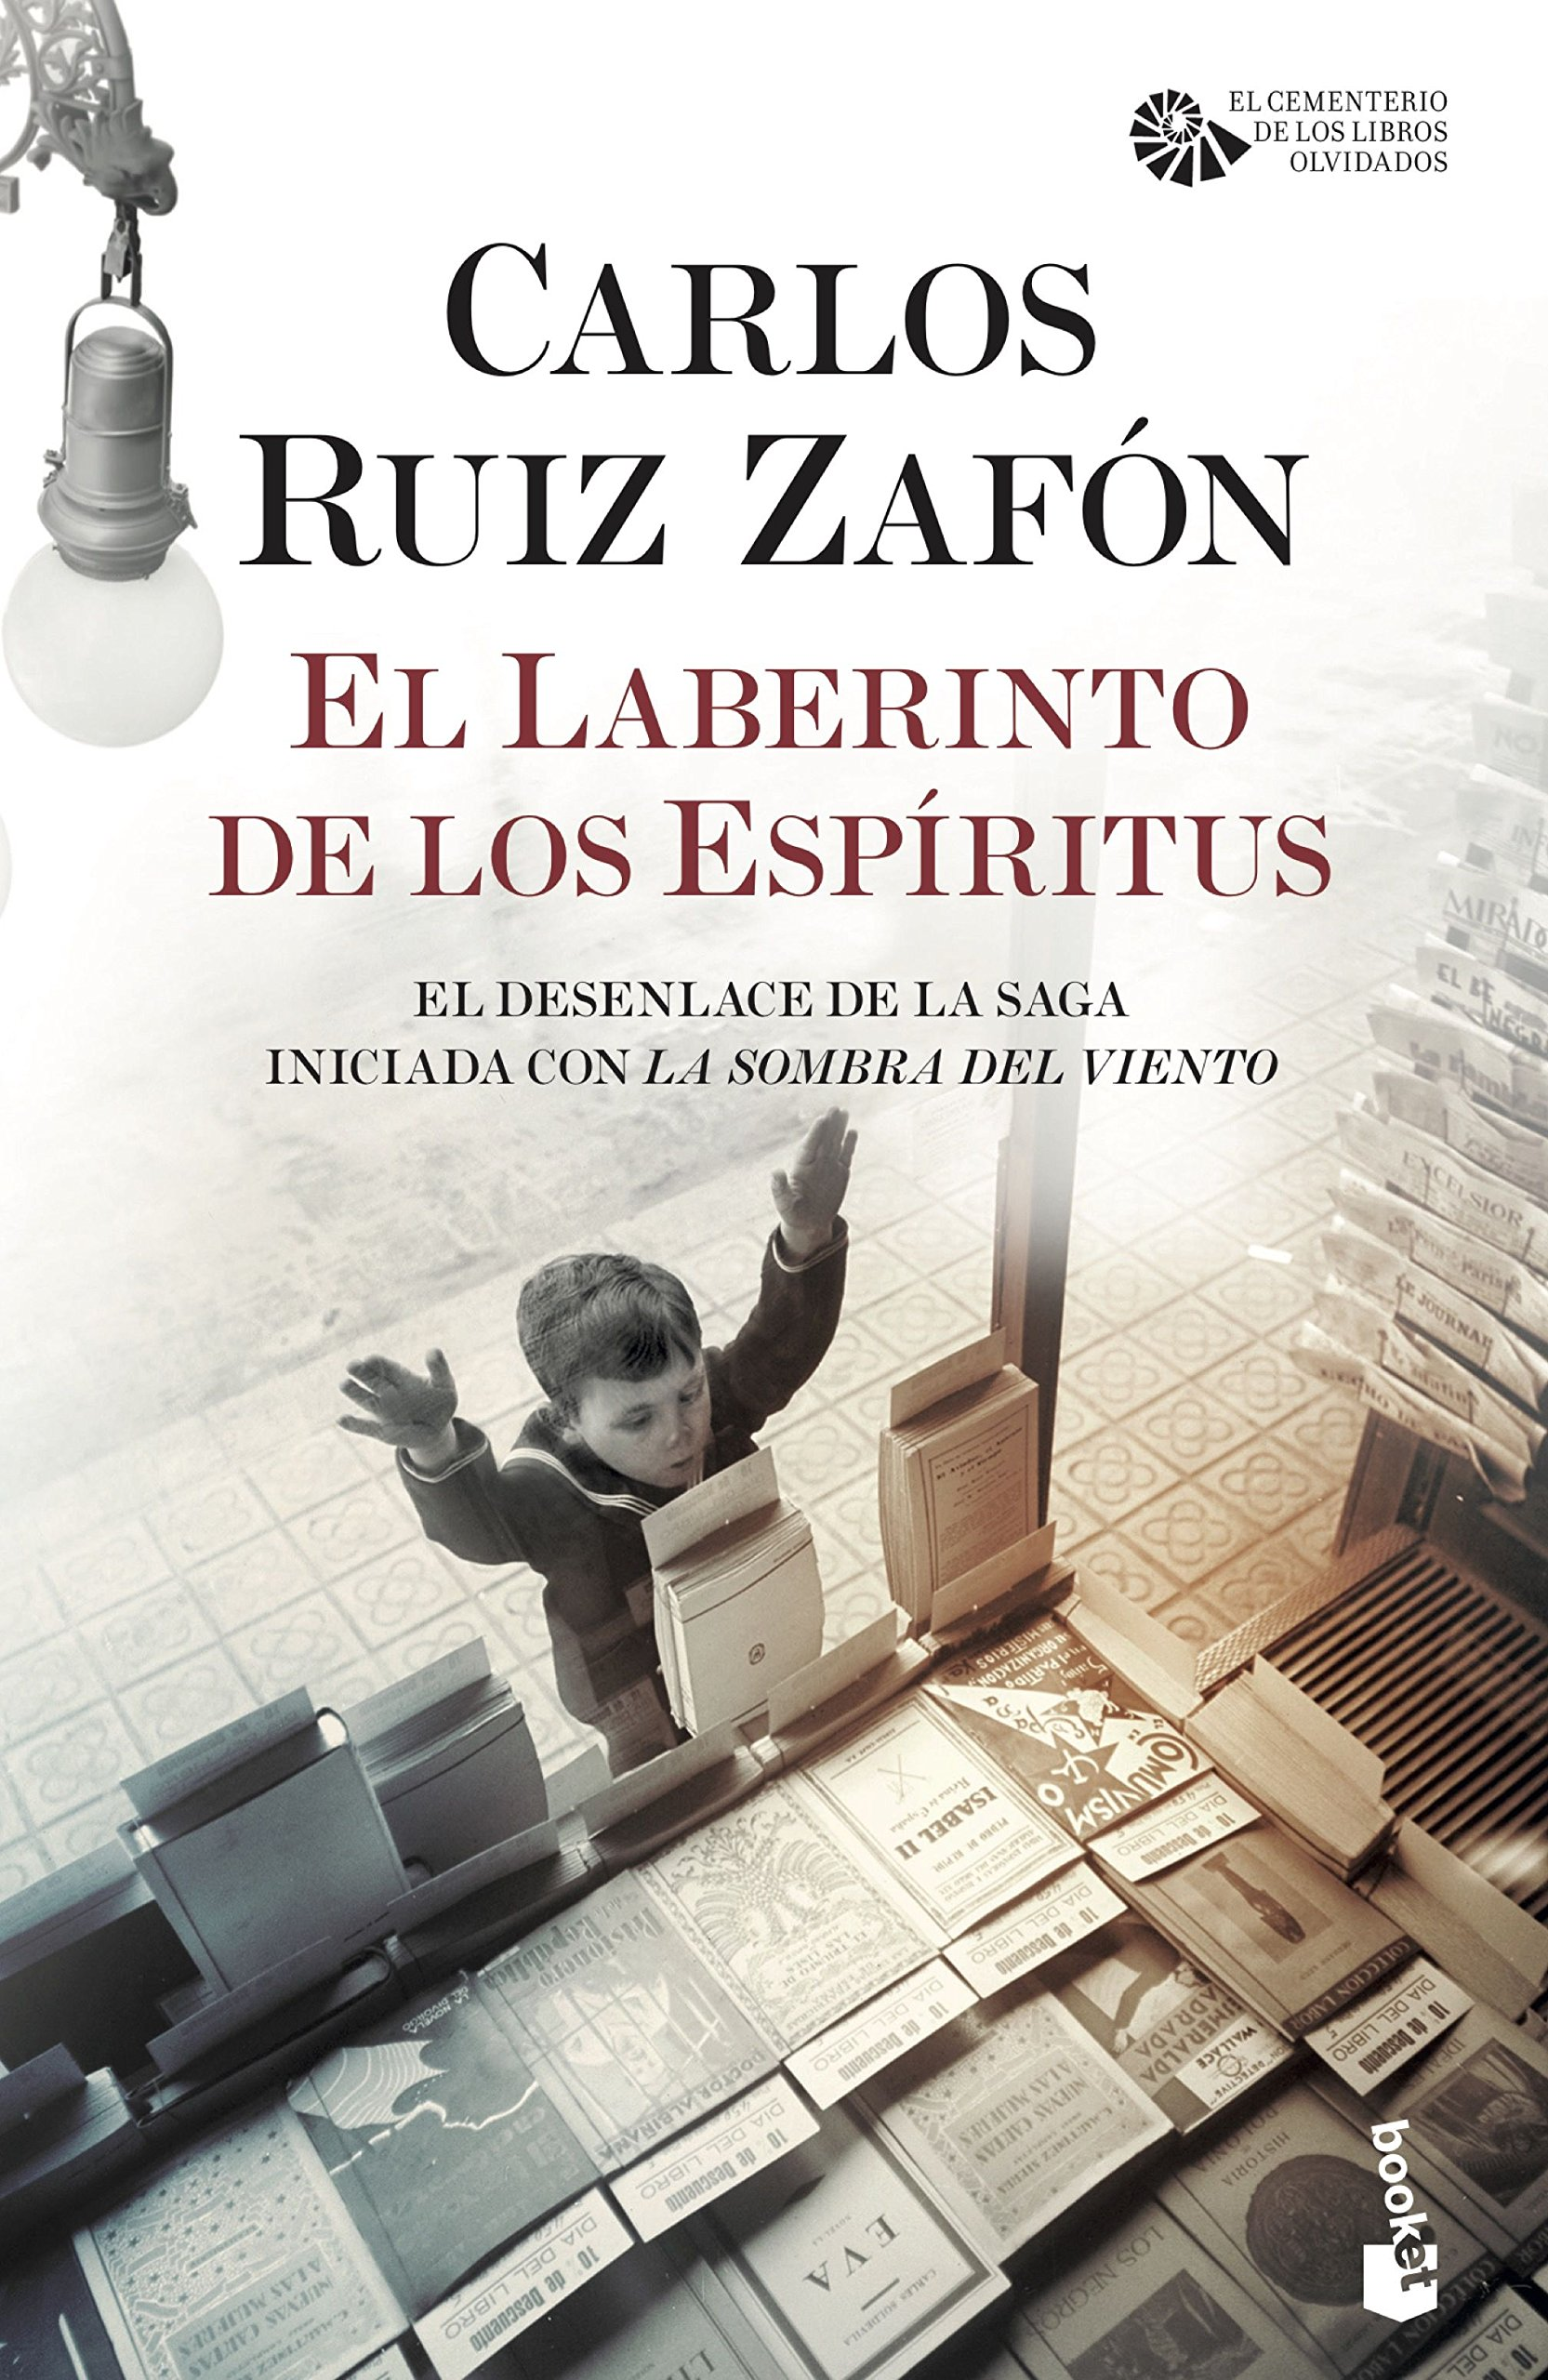 El Laberinto de los Espíritus Biblioteca Carlos Ruiz Zafón: Amazon.es: Carlos  Ruiz Zafón: Libros